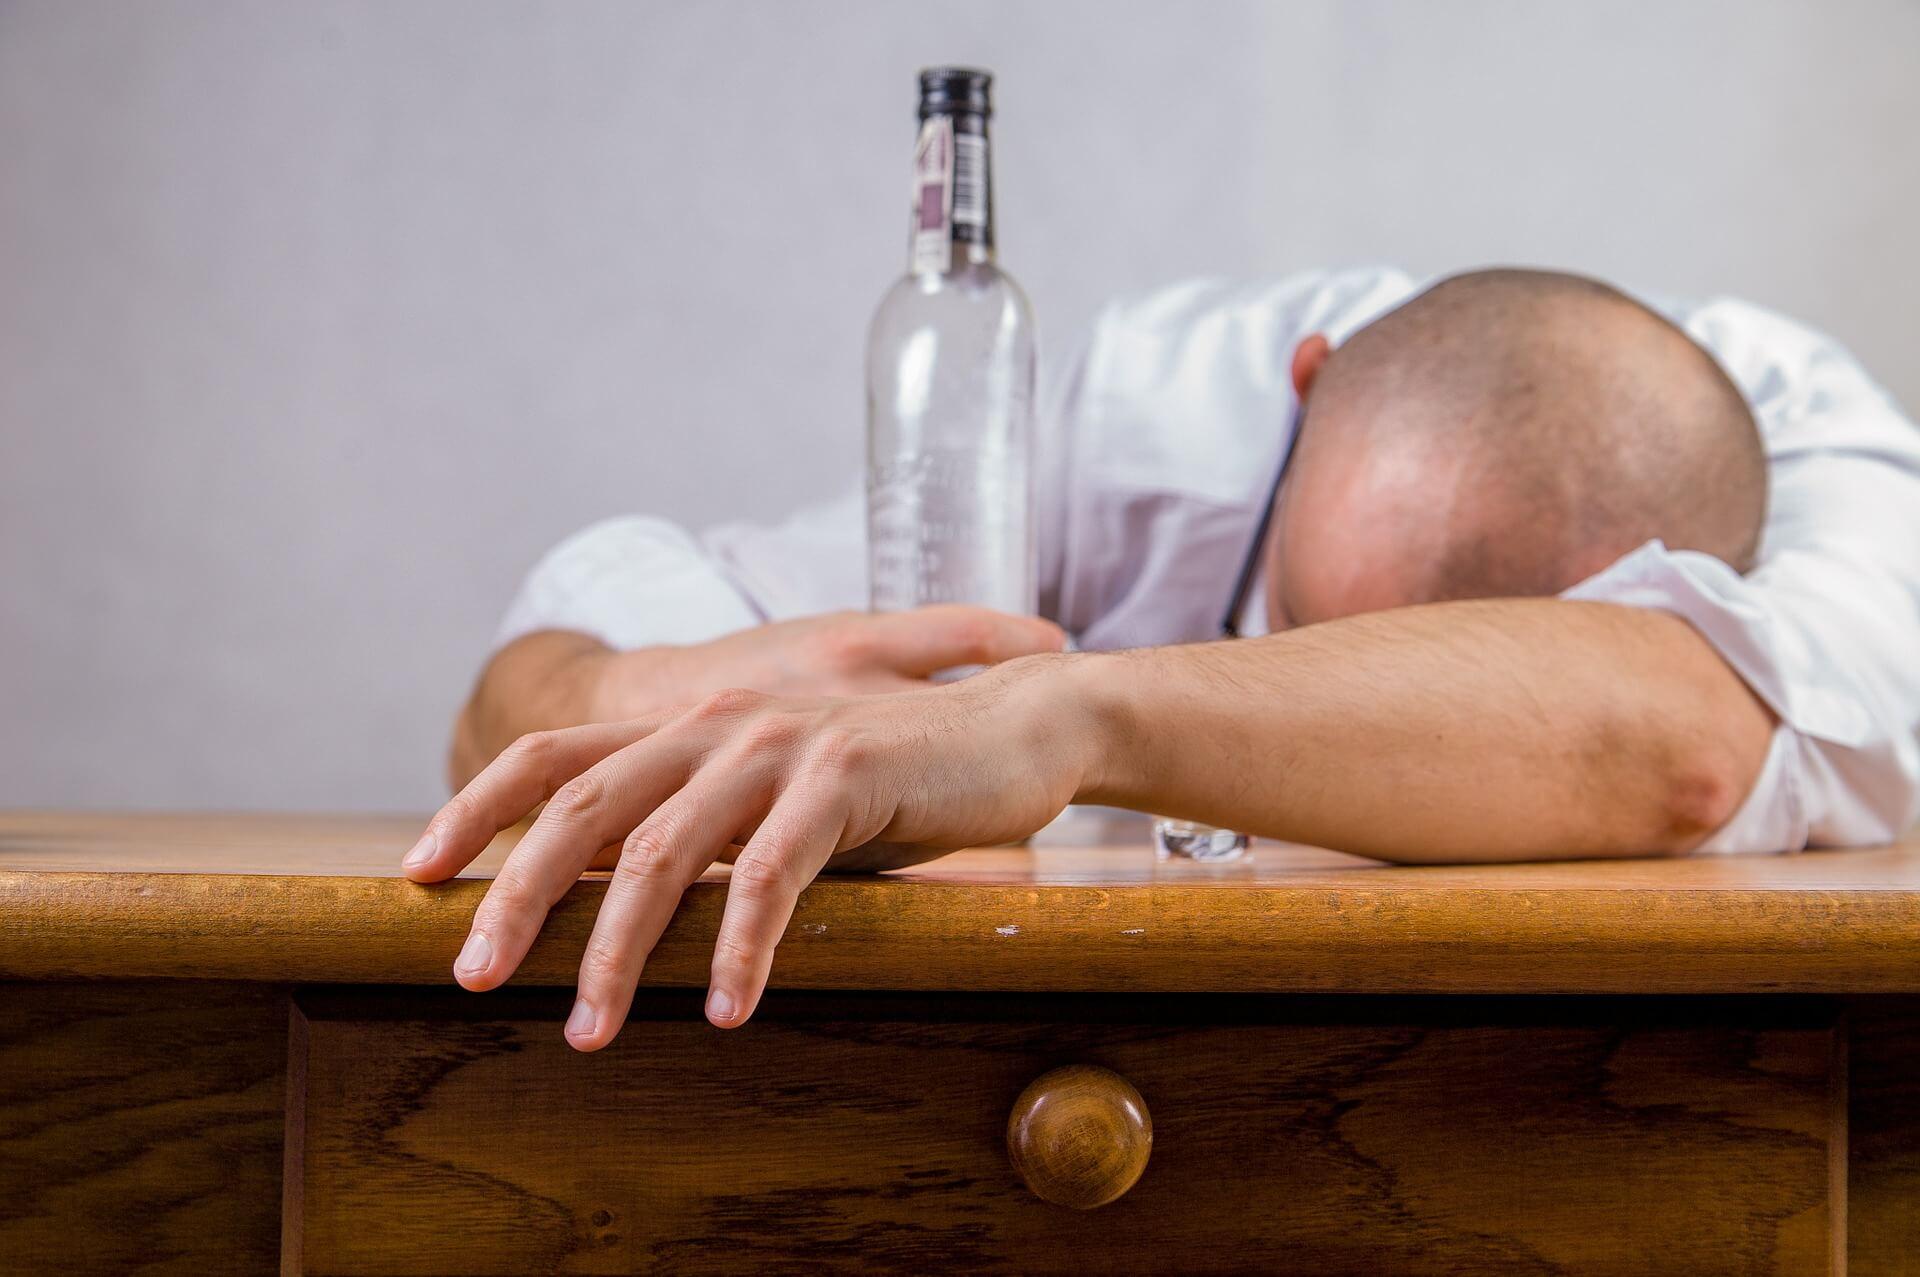 alkoholizm, alkohol, piwo, uzależnienia, uzależnienie, nauka, biologia, genetyka, geny, wino, whisky, psychologia